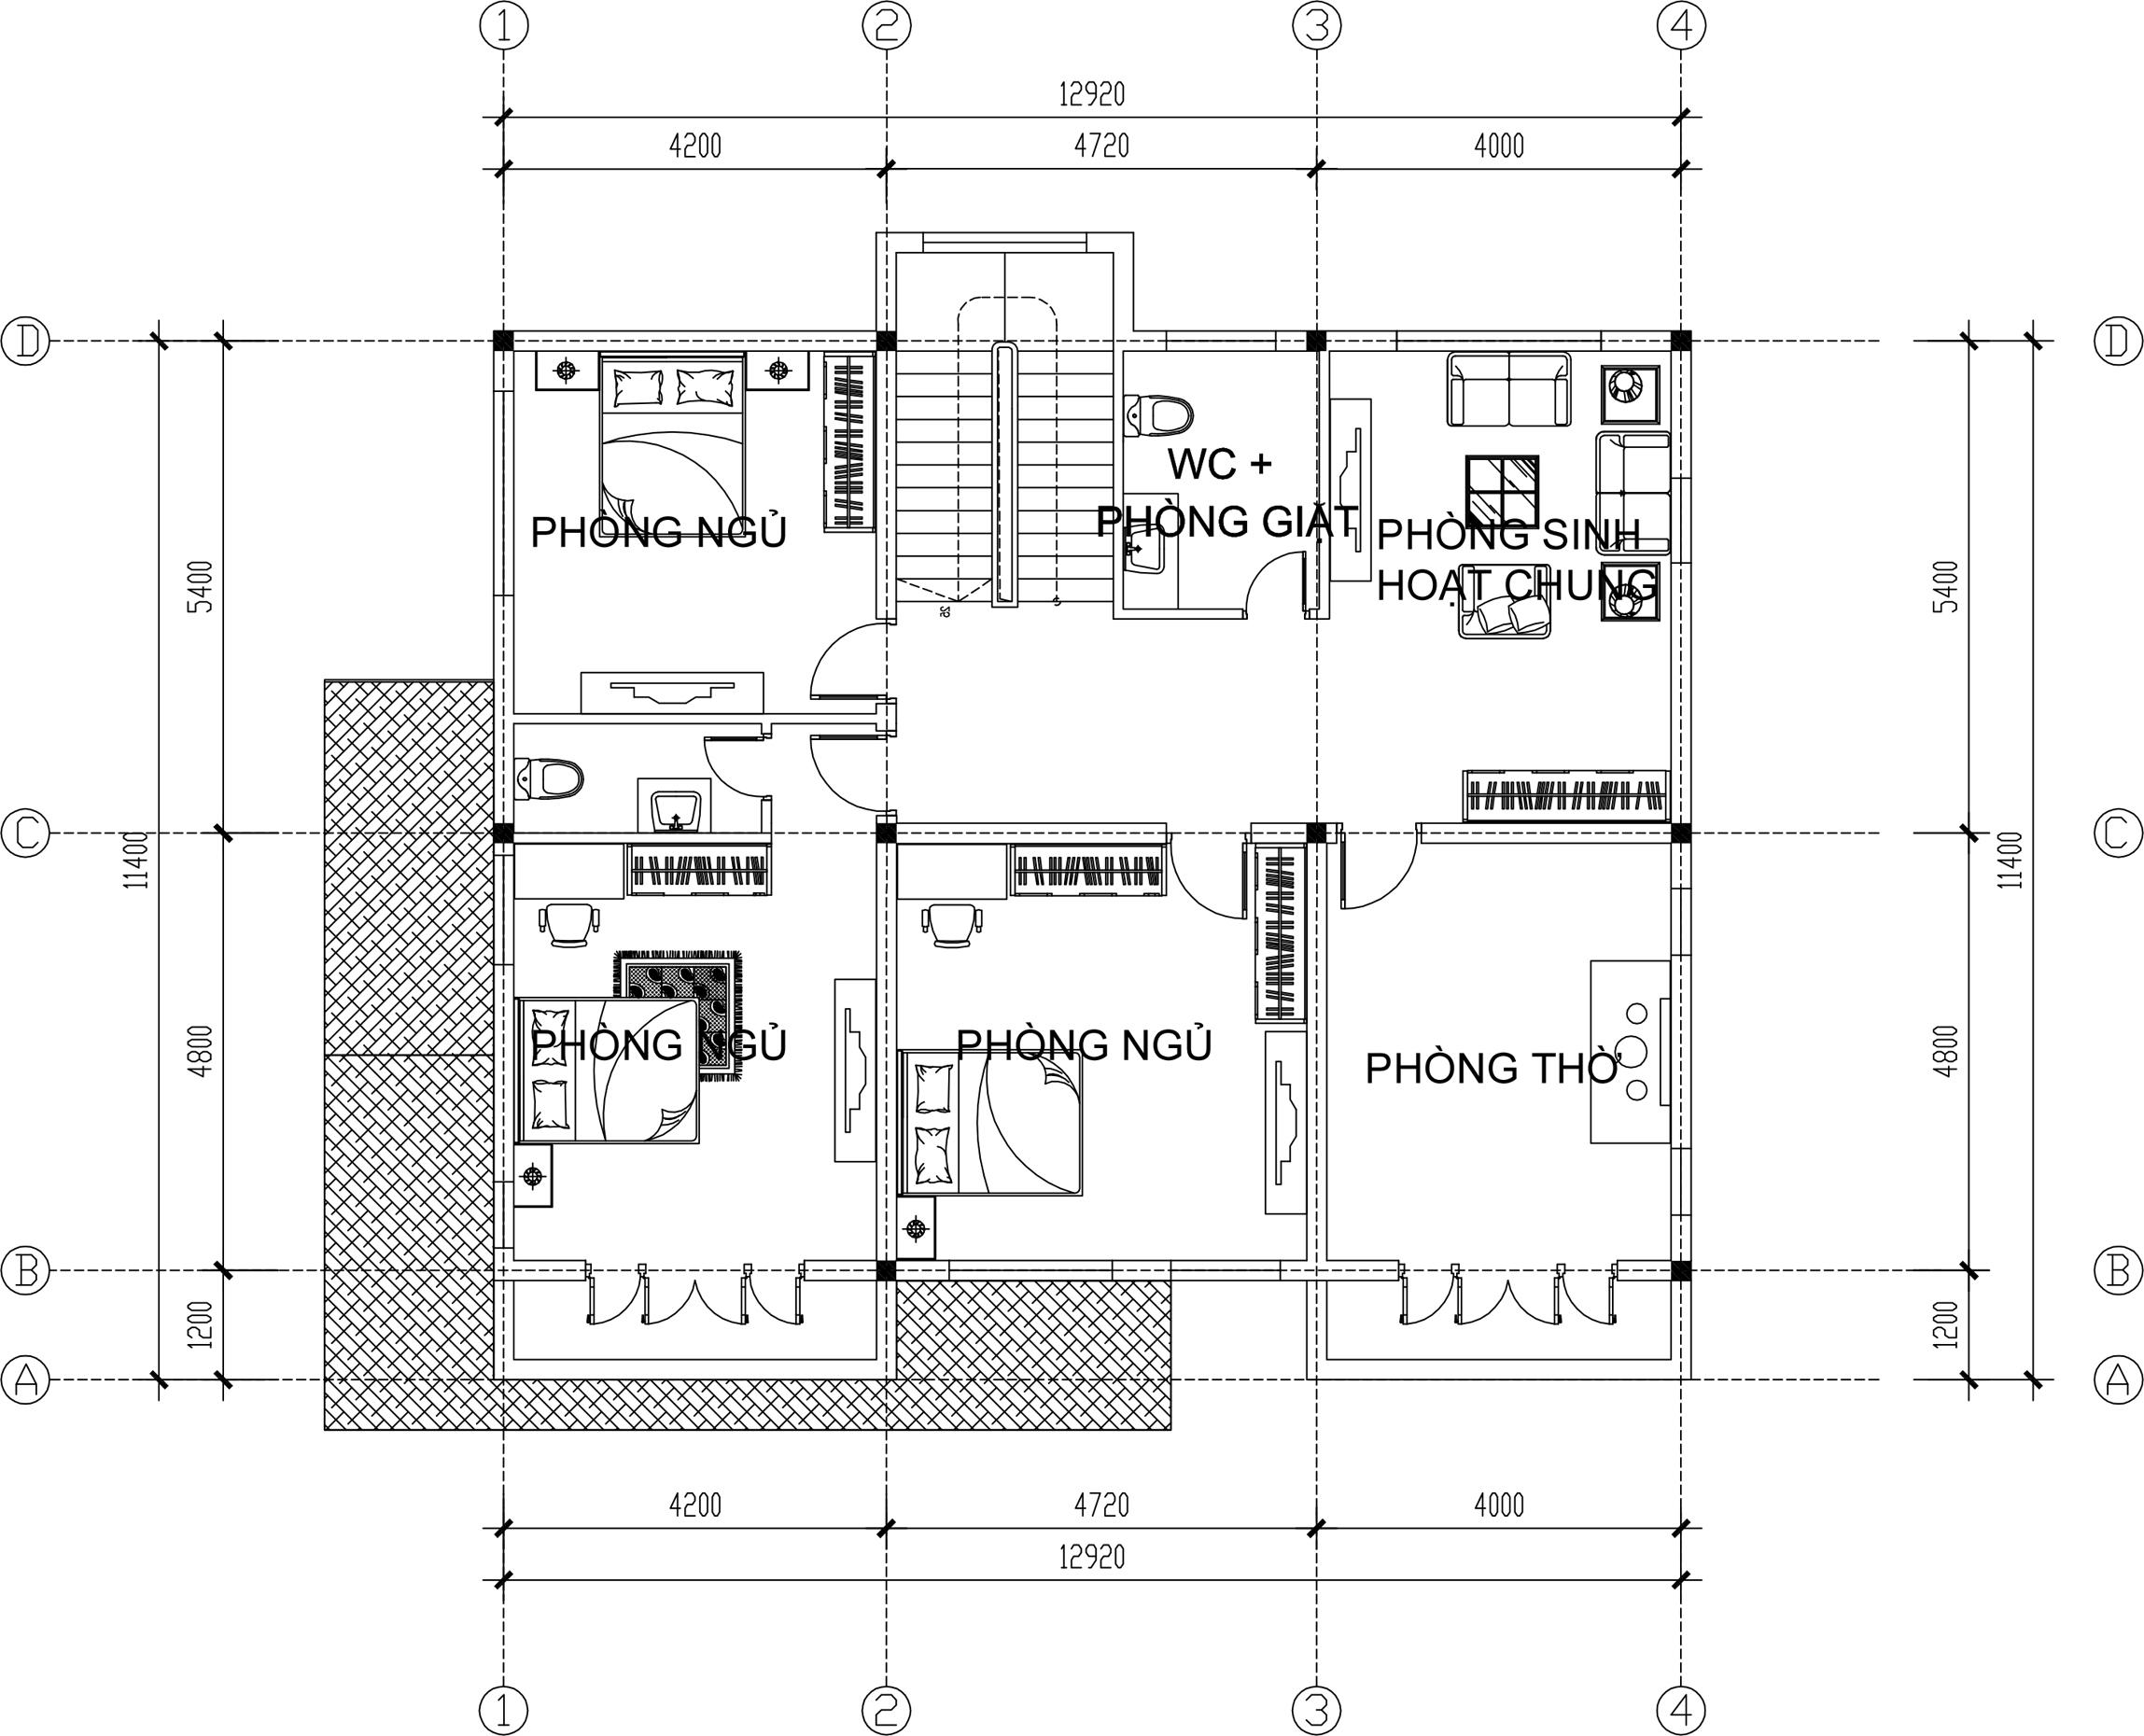 Công năng tầng 2 - Biệt thự đẹp 2 tầng 13x11,5m tân cổ điển